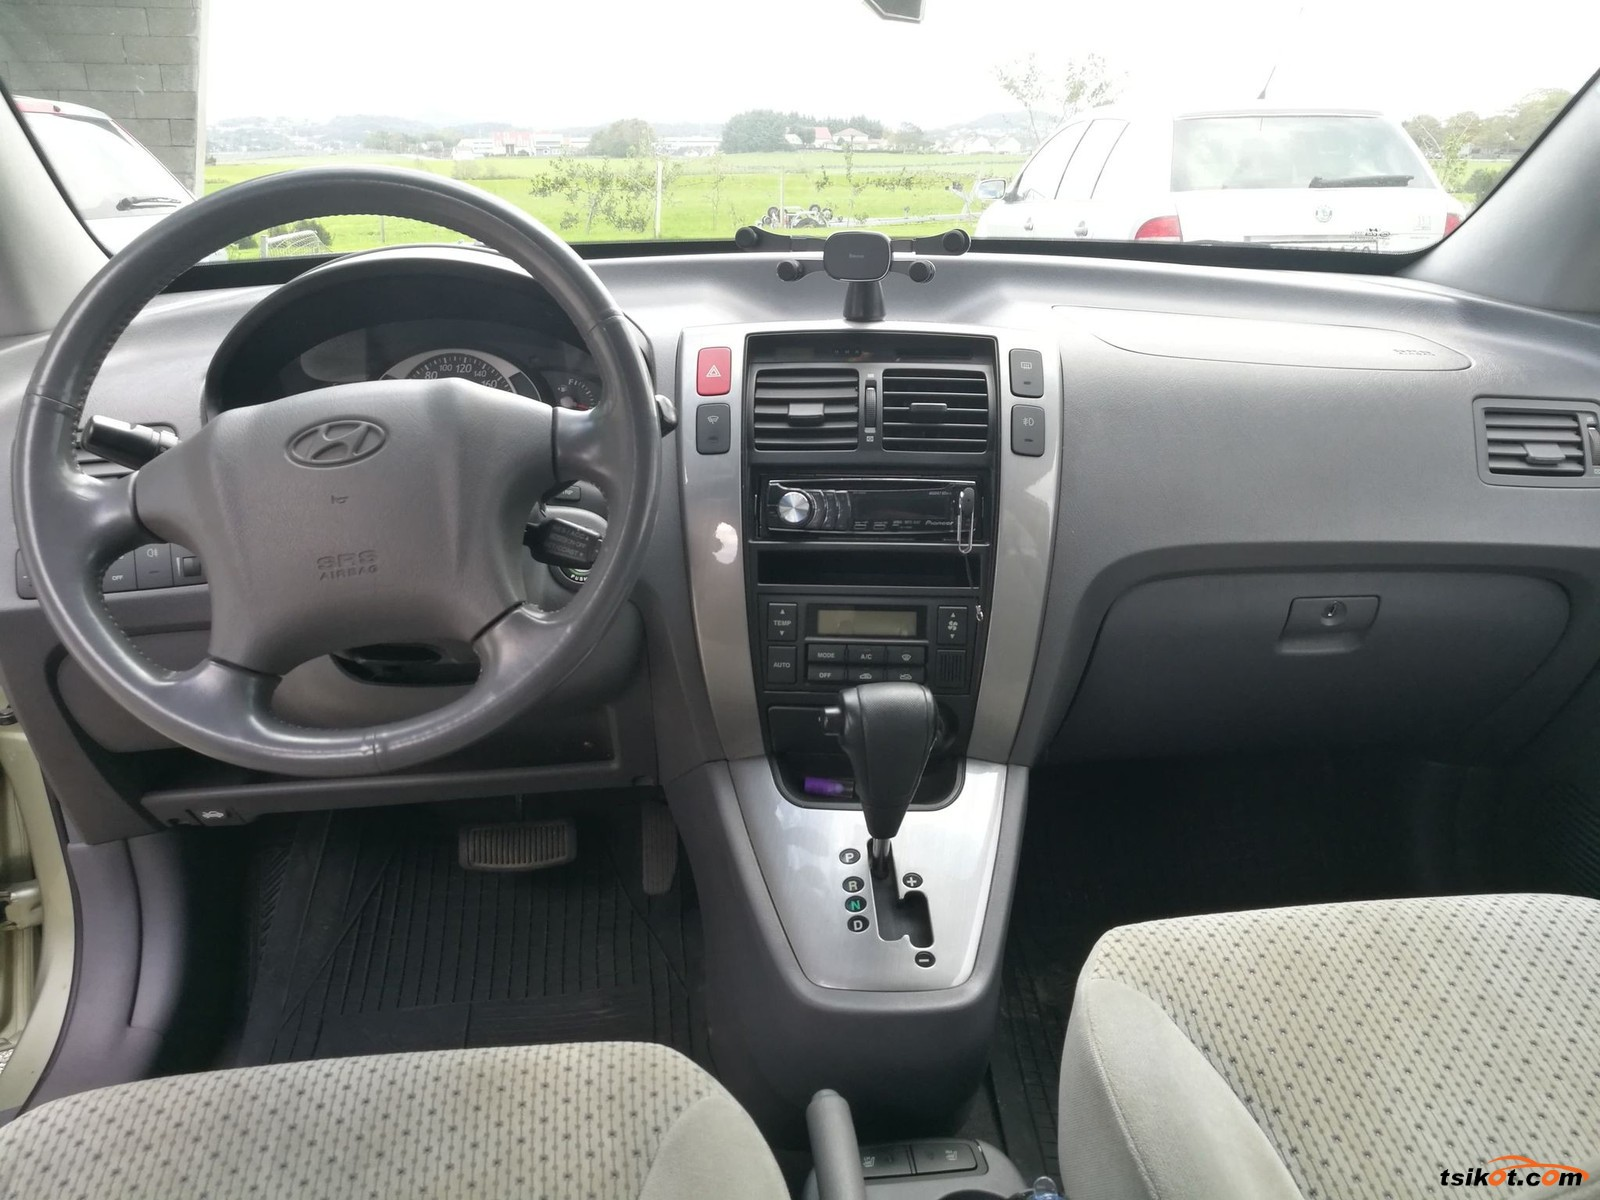 Hyundai Tucson 2005 - 8